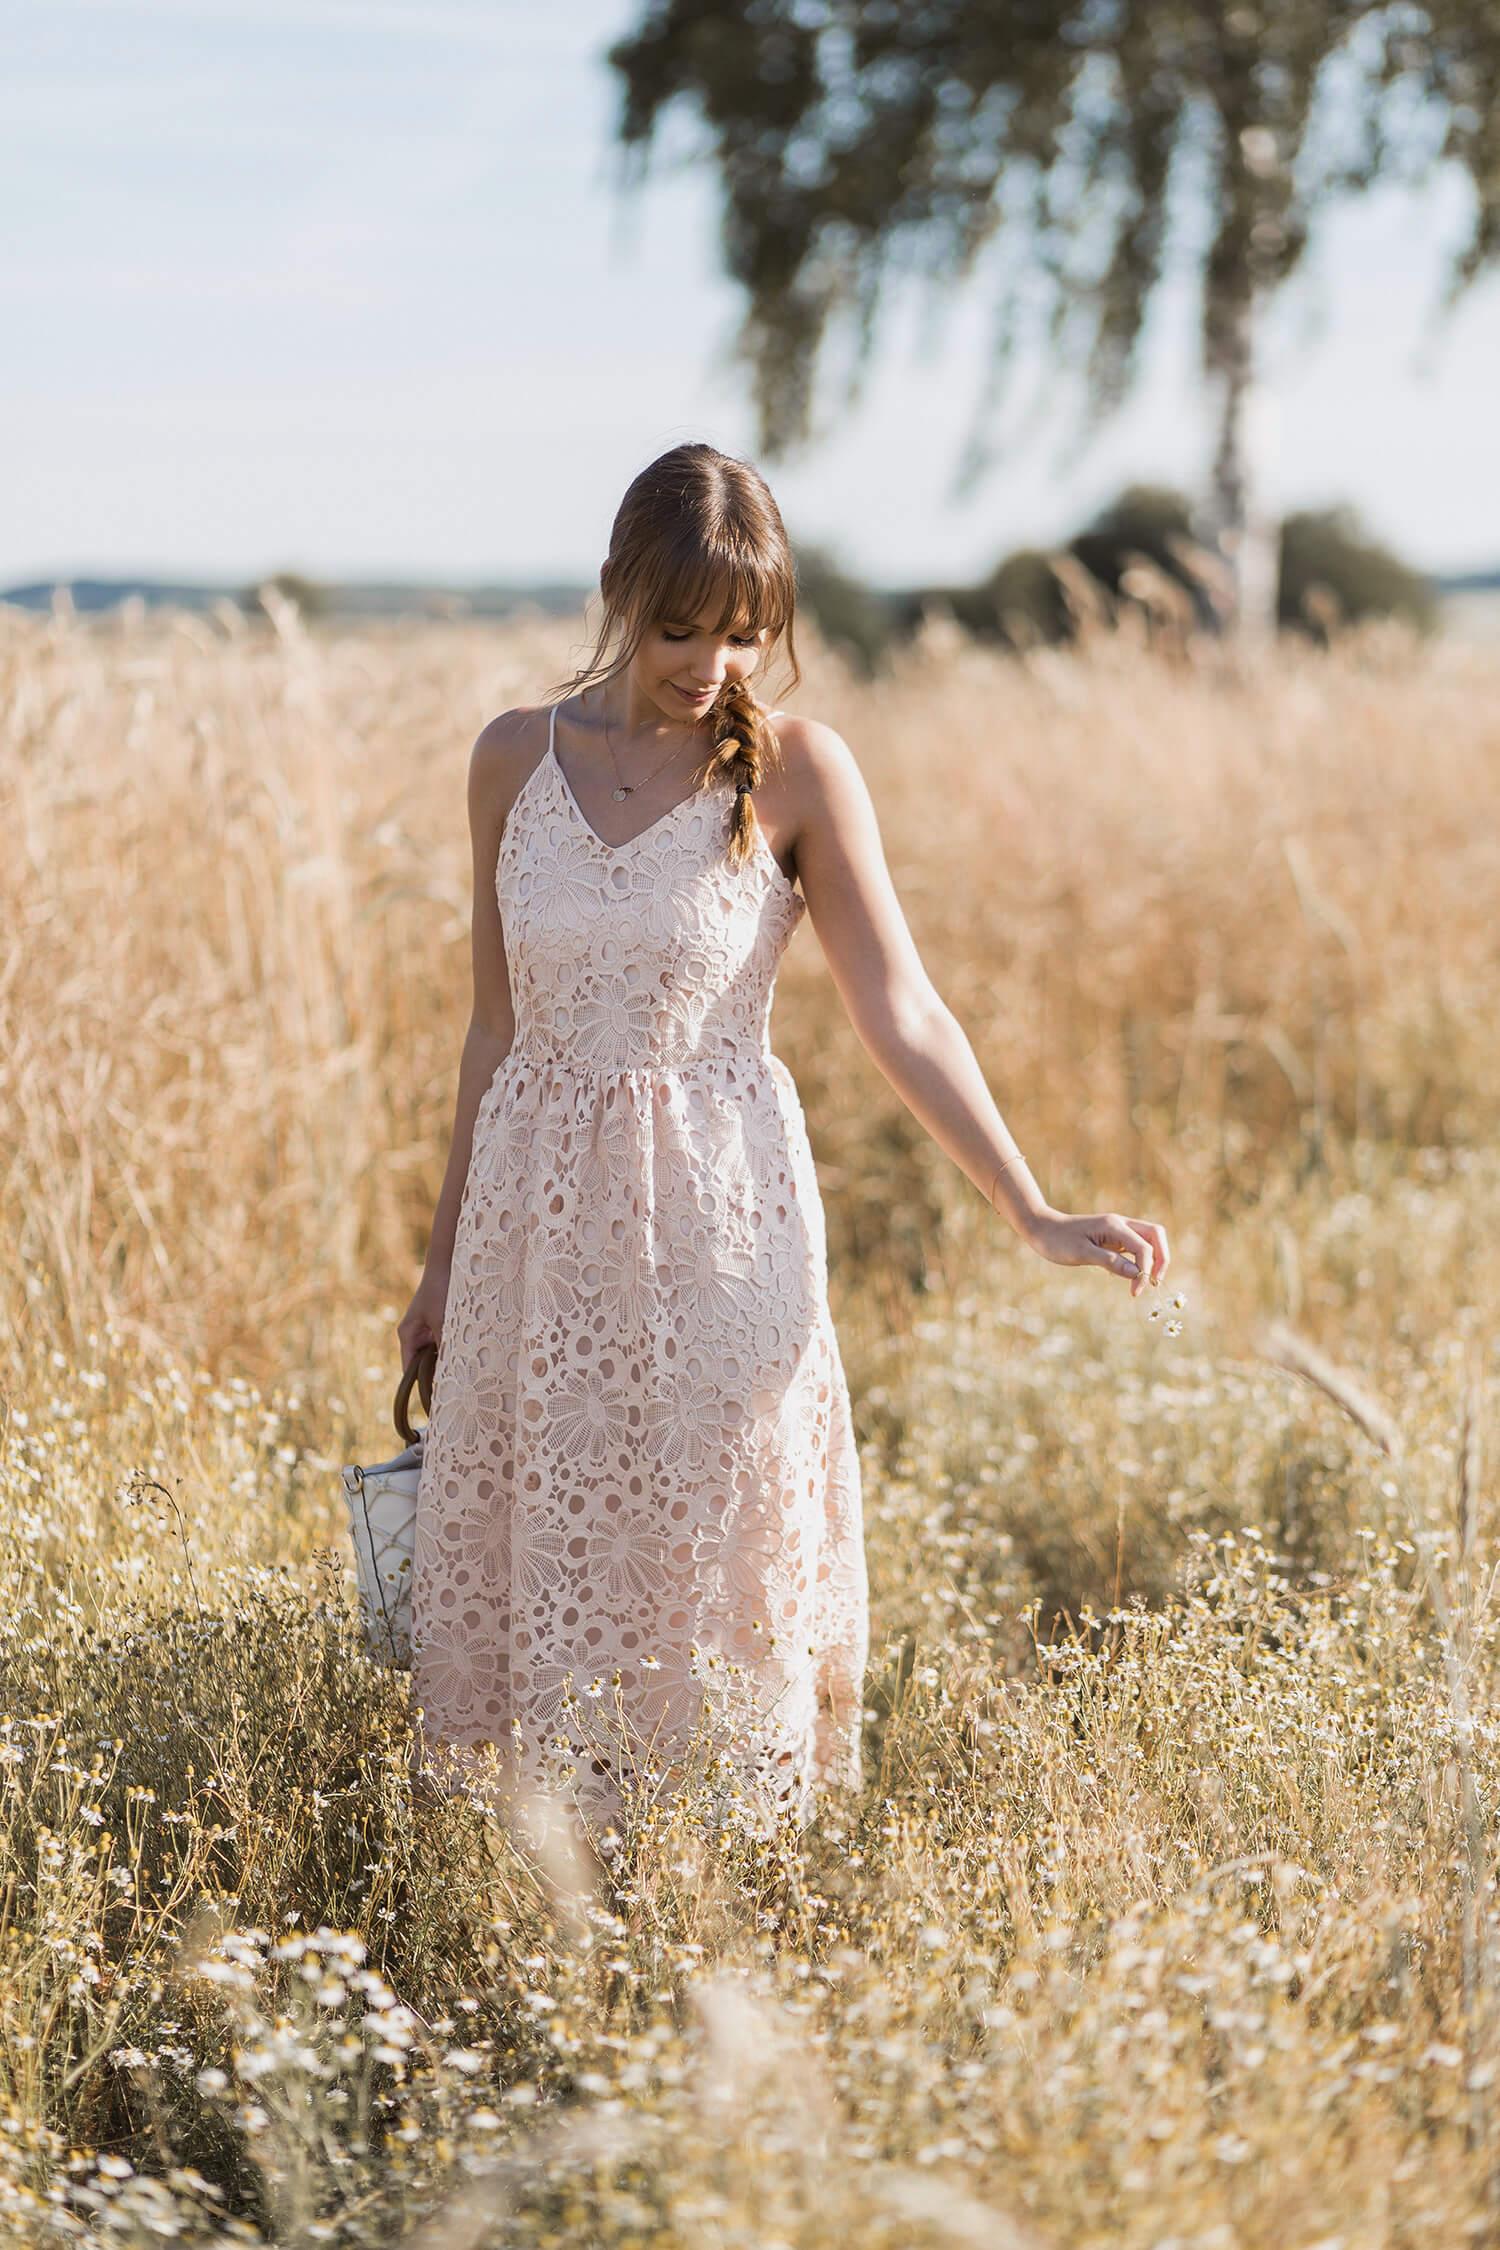 Kleider aus Spitze im Sommer kombinieren, Shoelove by Deichmann